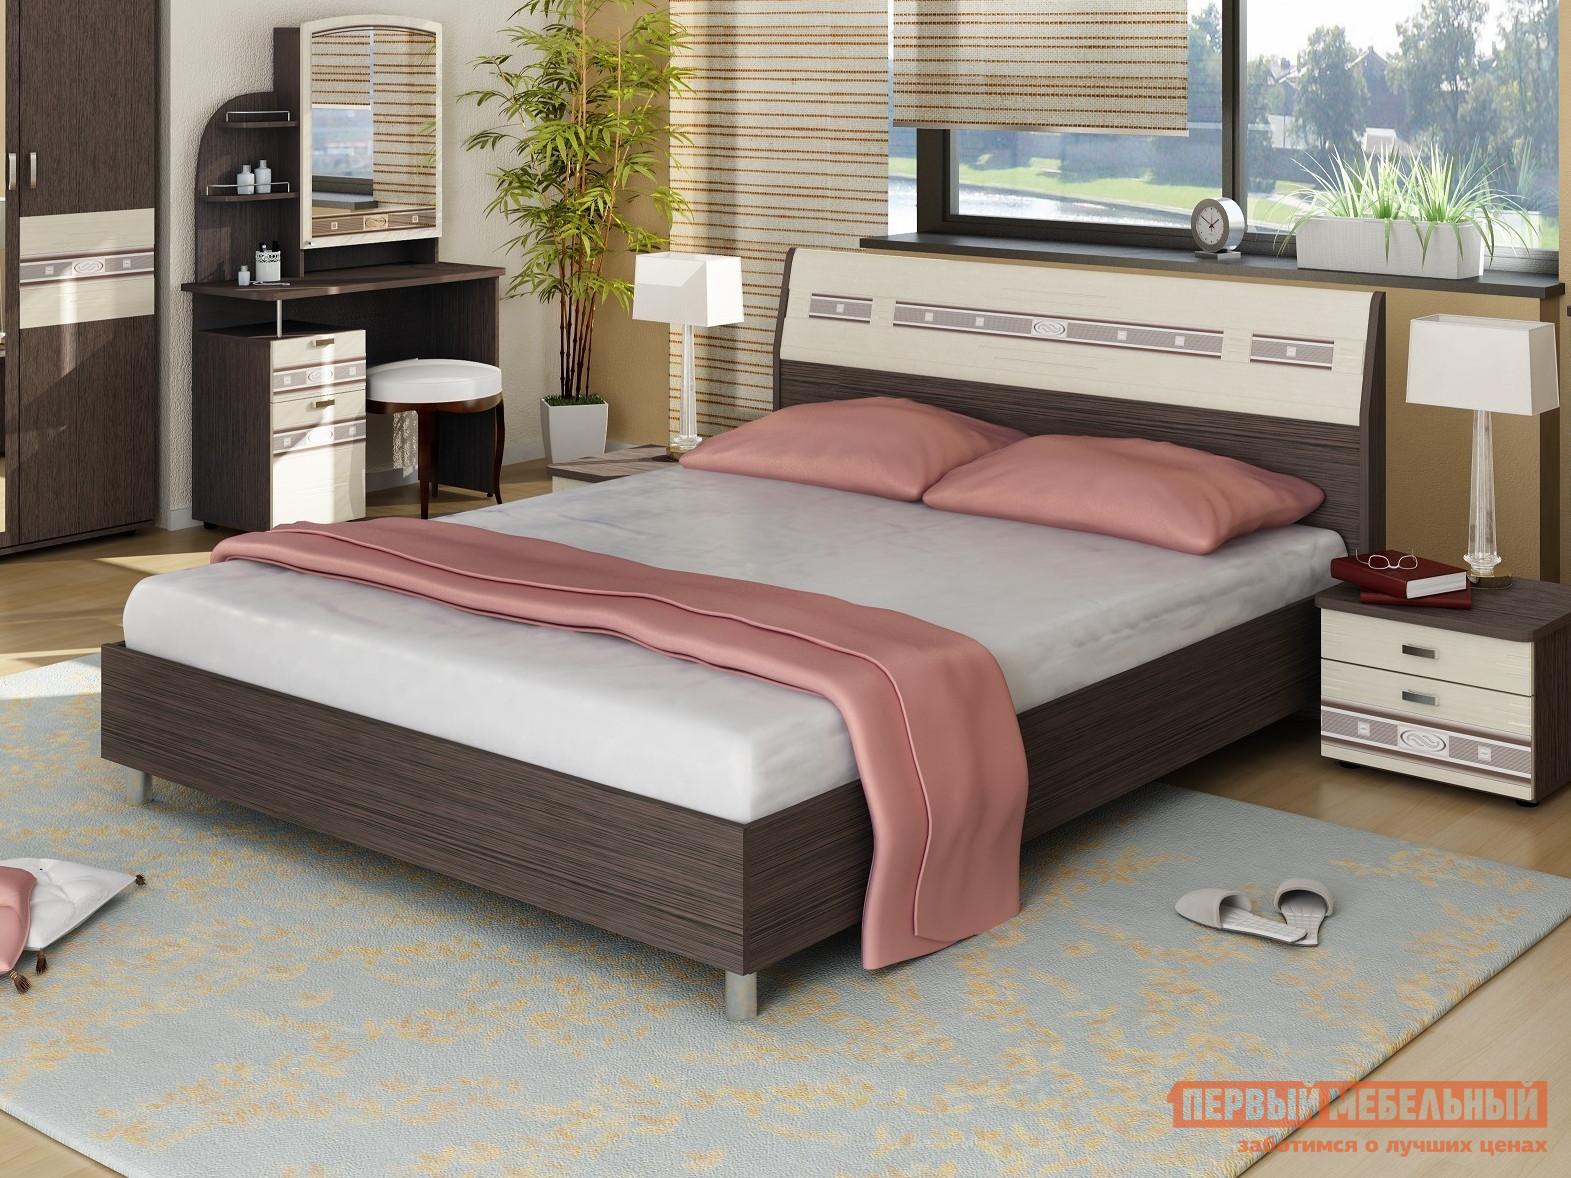 Двуспальная кровать Витра 95.01/95.02+ОК1/ОК2 двуспальная кровать витра 95 01 95 02 ок1 ок2